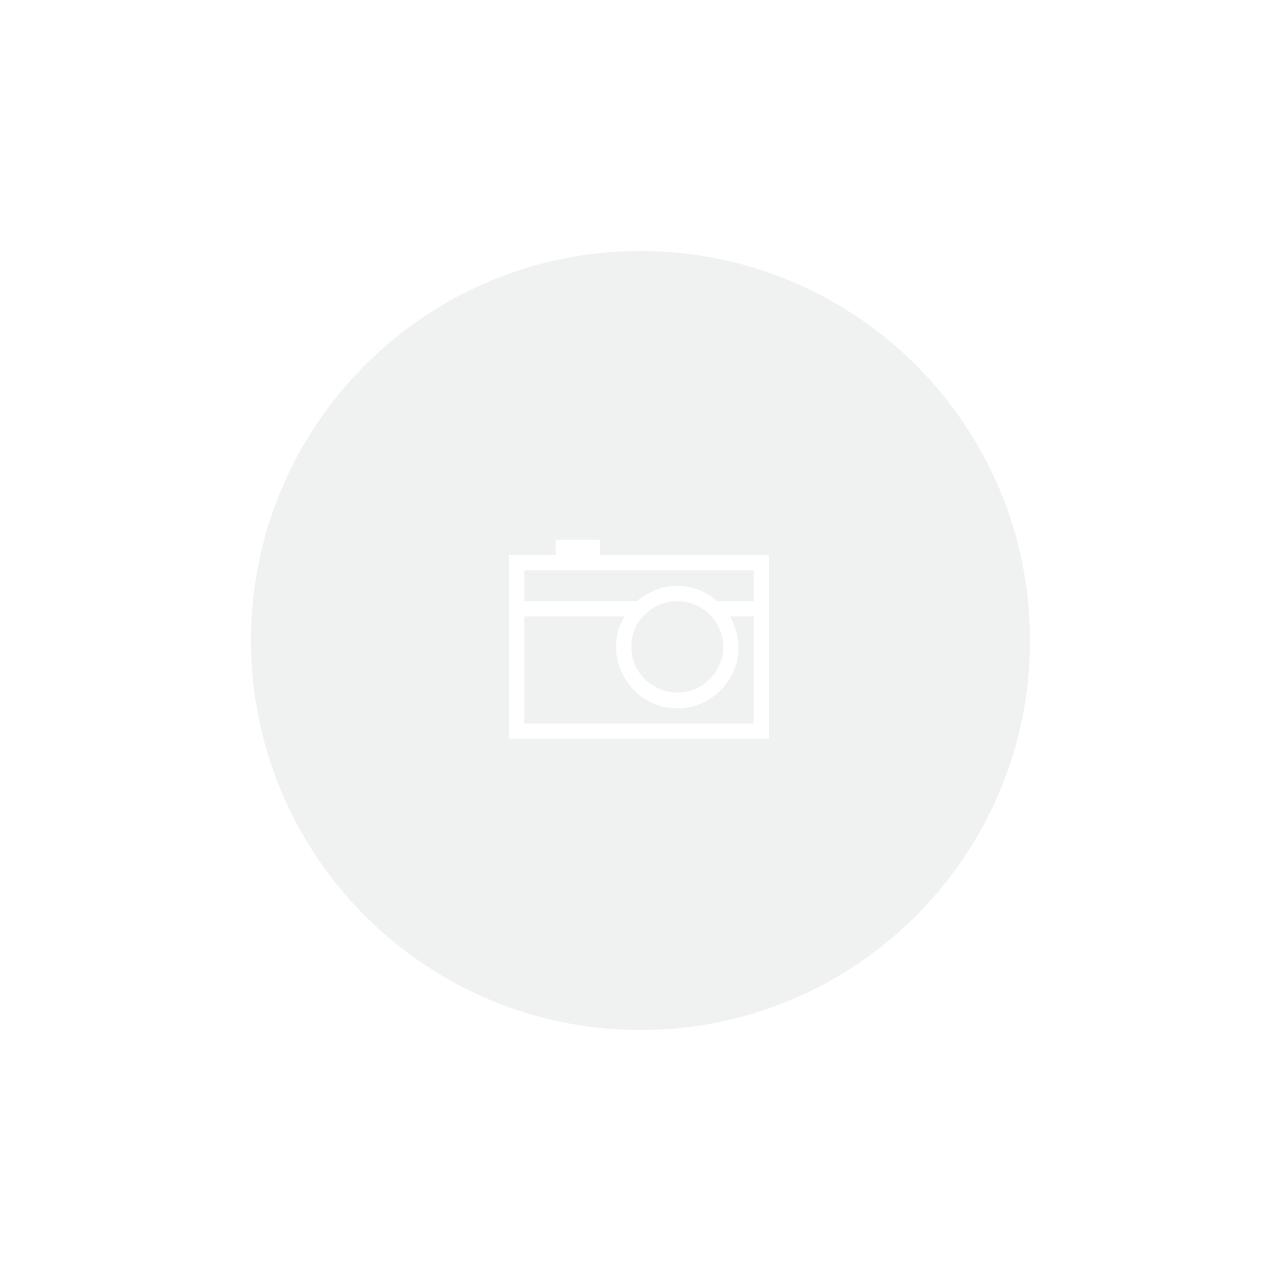 Kit Intermediário BMW / MINI - (a partir 2015) - Desbloqueio do DVD Original + Câmera de Ré + Espelhamento